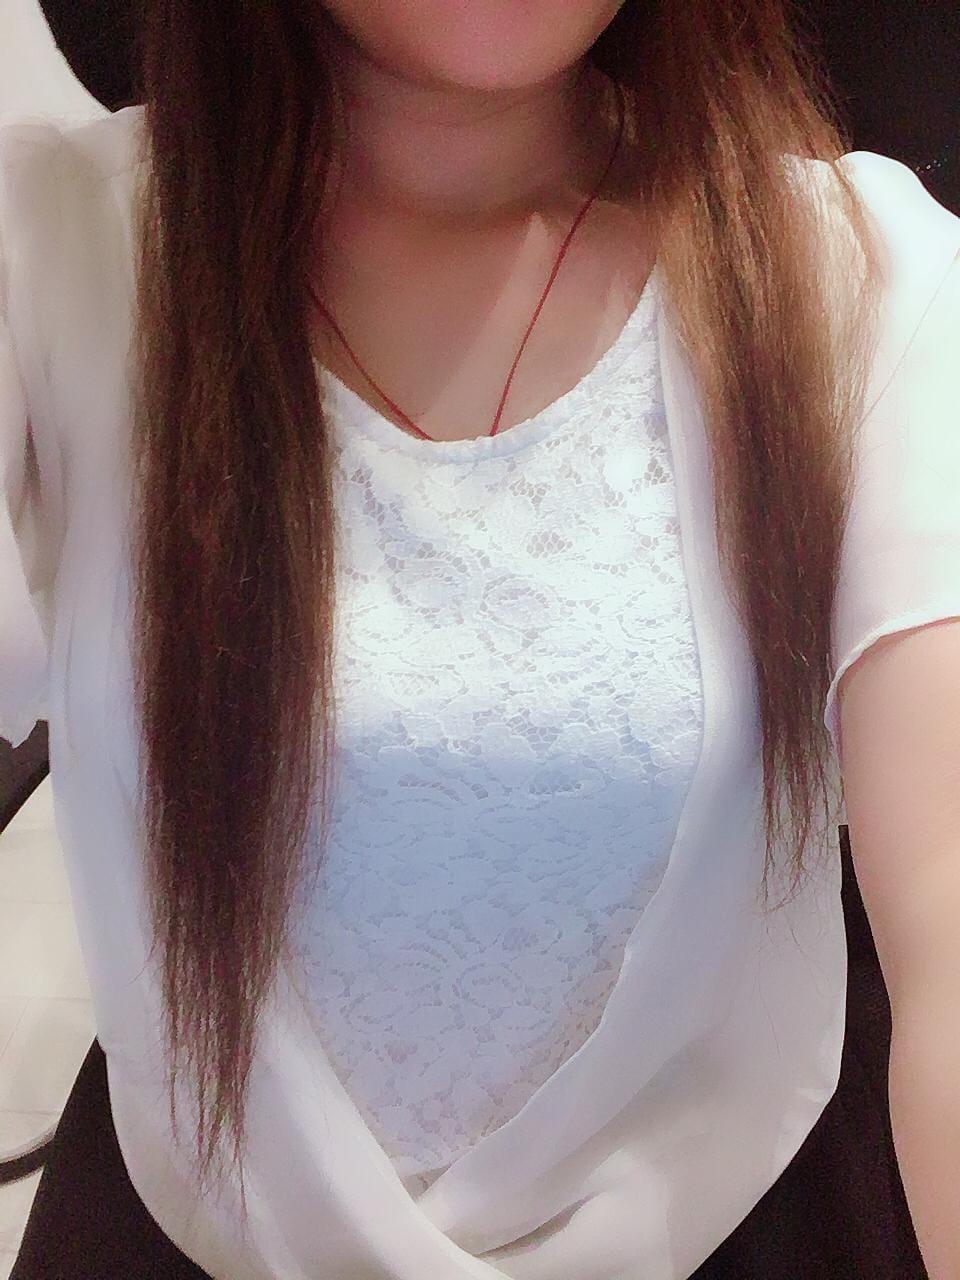 「今日も元気よく(笑)」08/11(土) 15:23 | 紫音の写メ・風俗動画